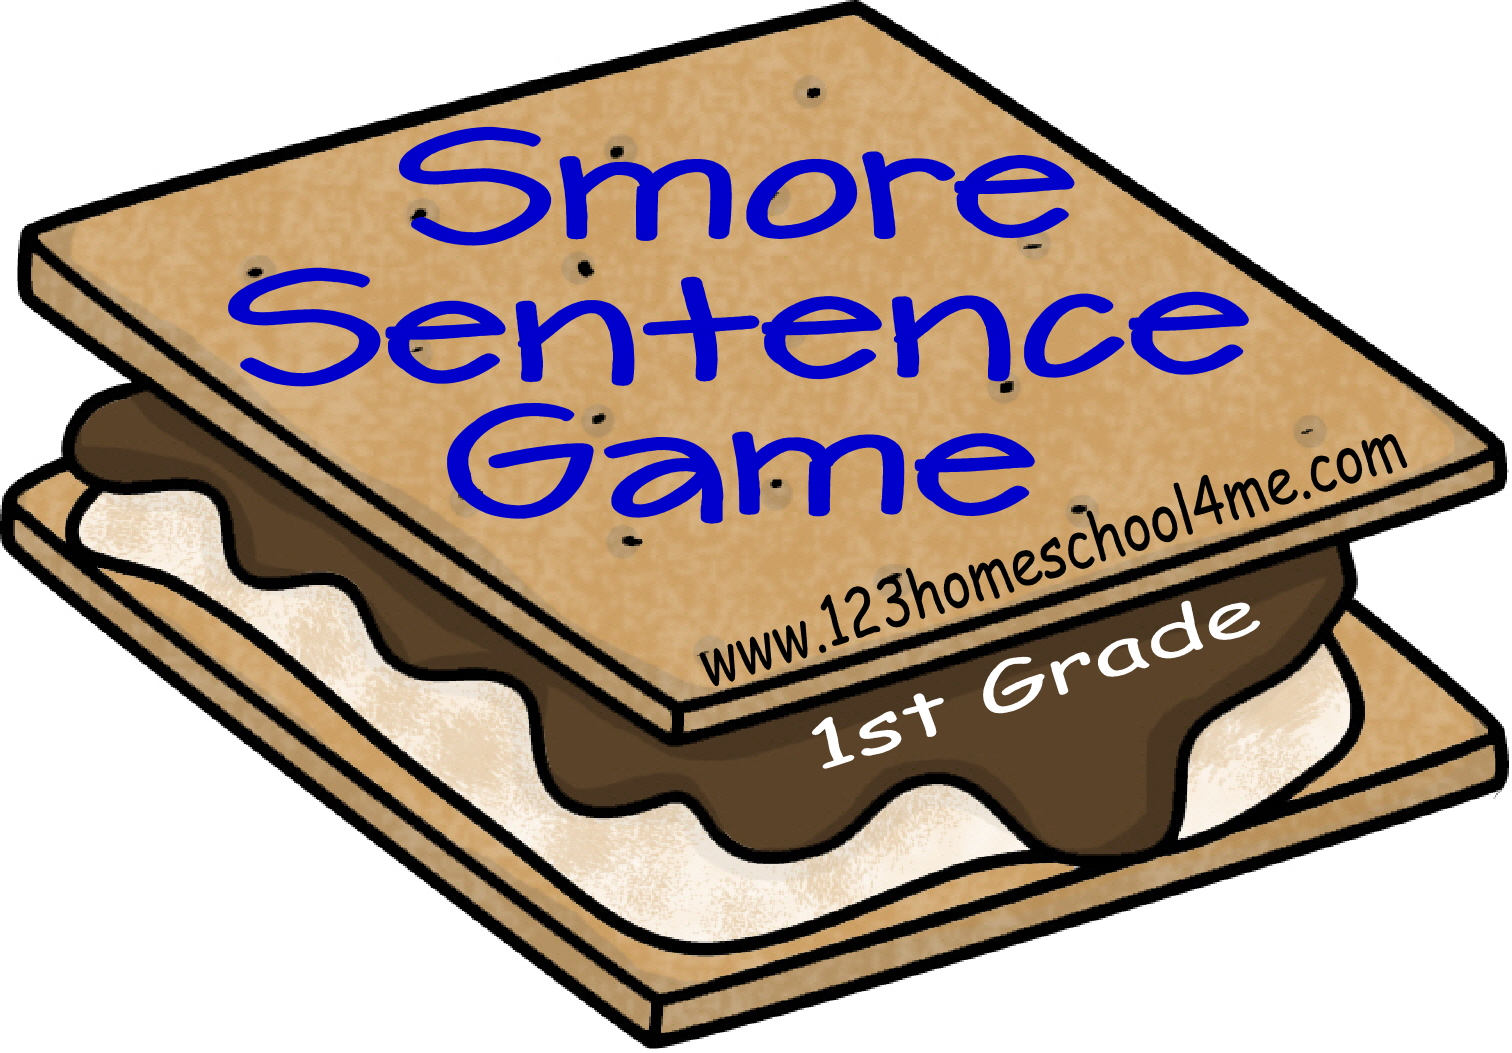 Free Smore Sentences Game